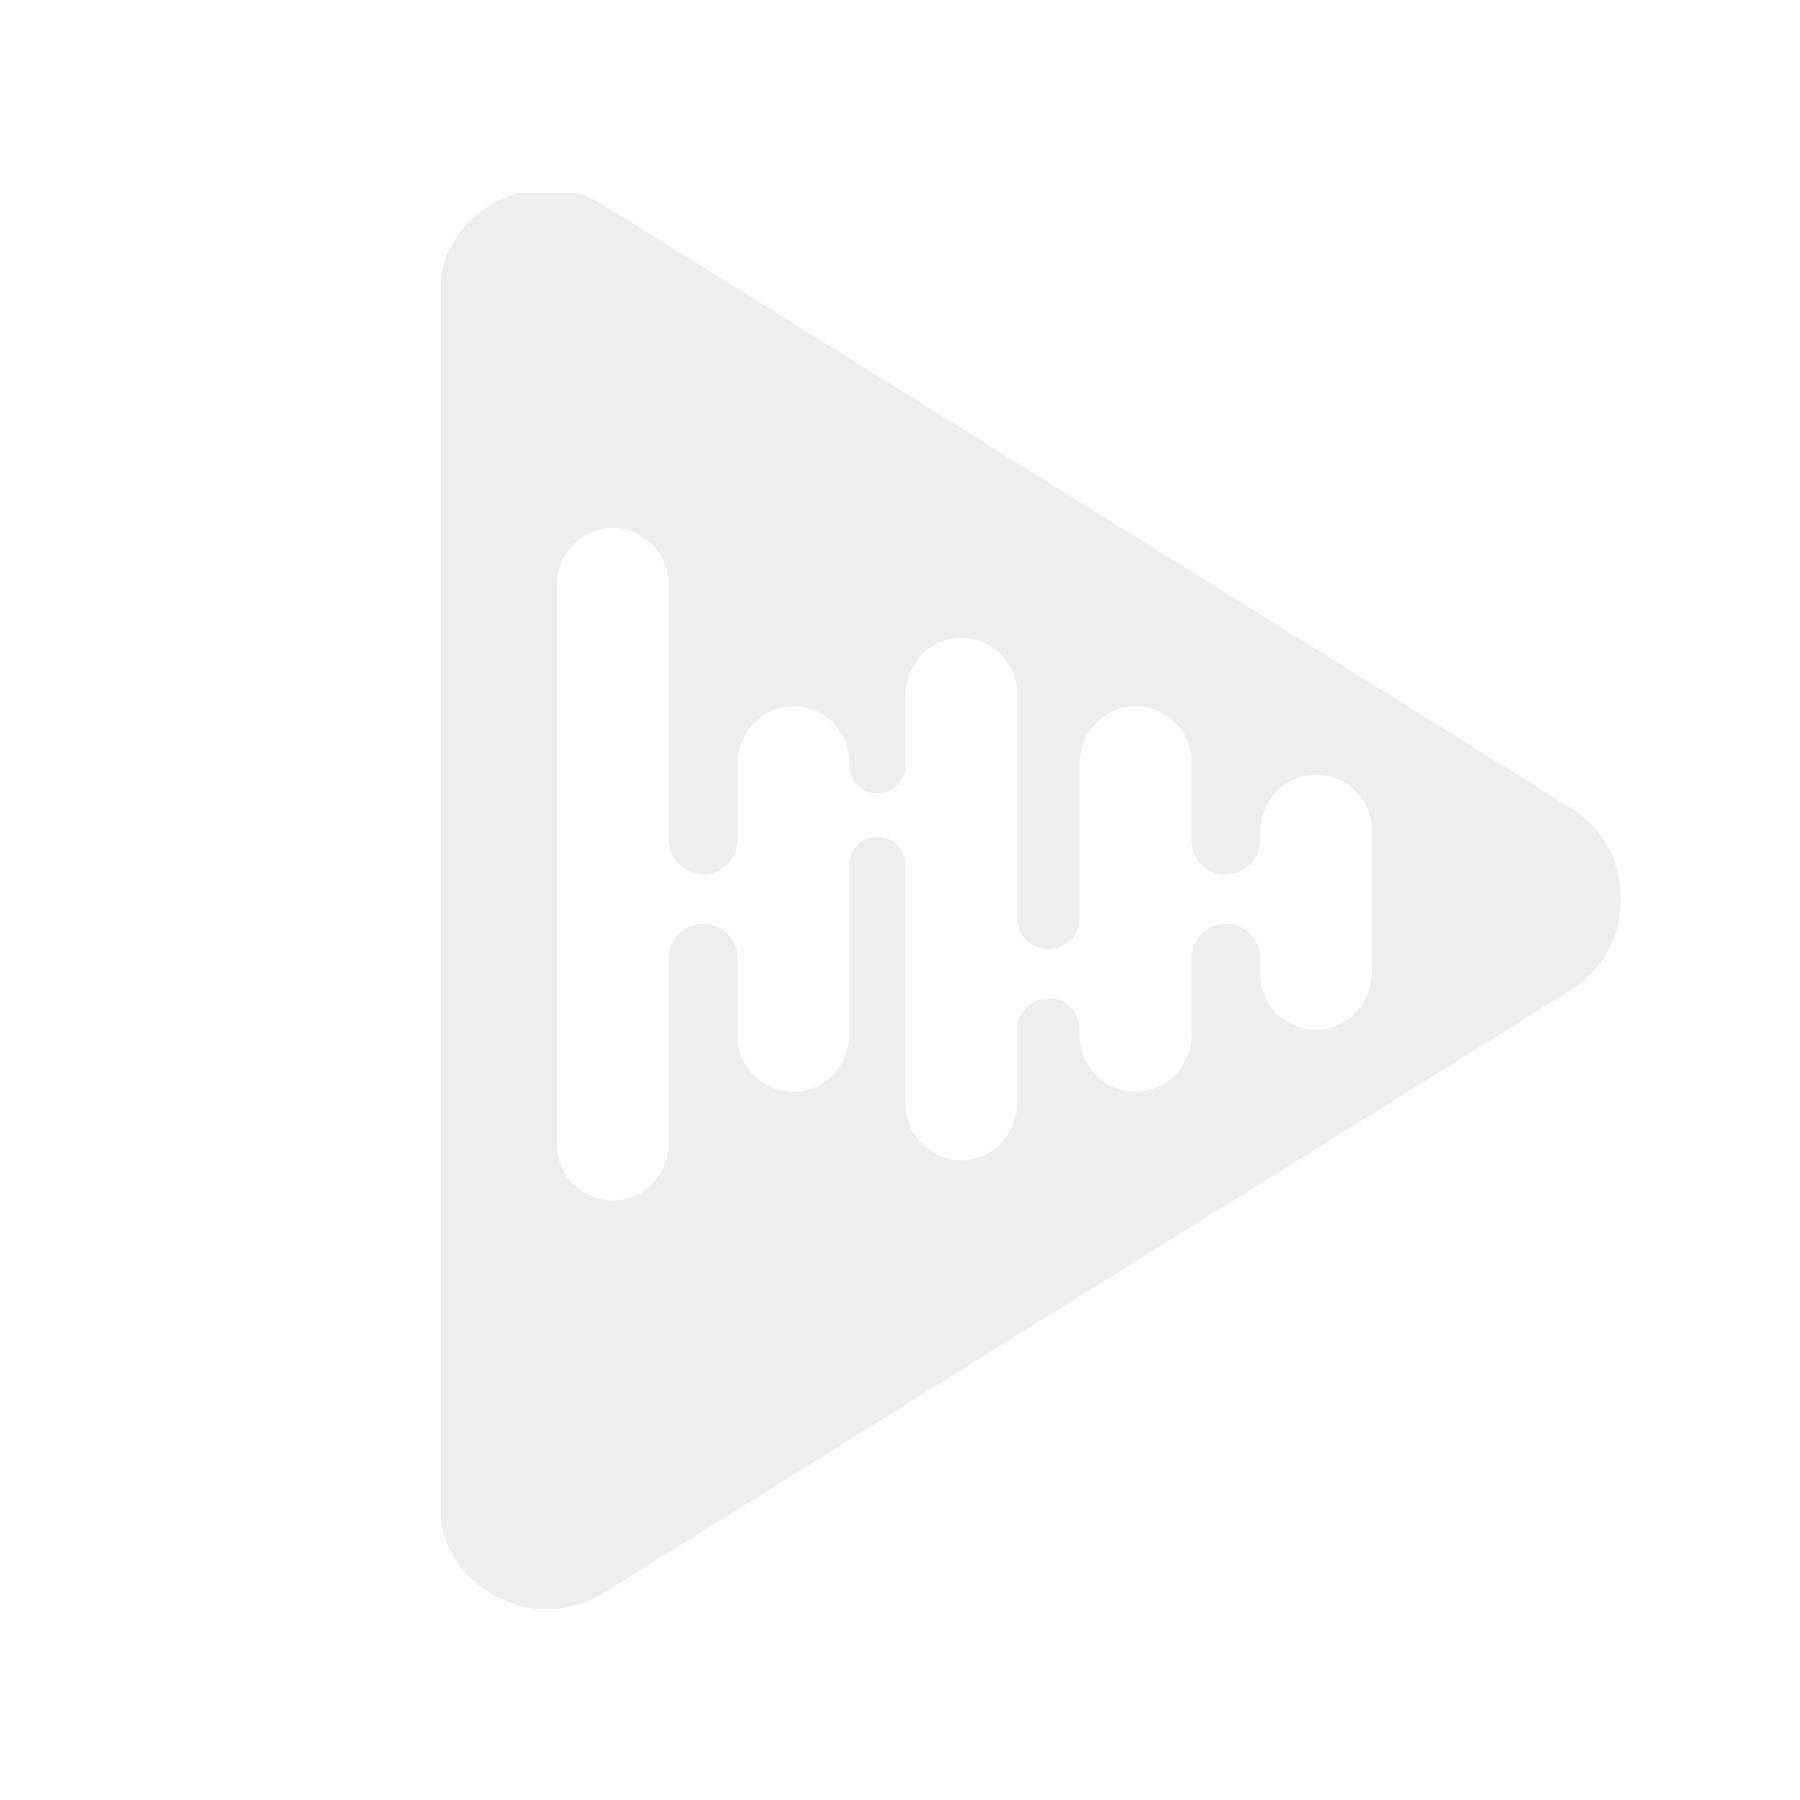 Hertz Energy ET 26.5 - 26mm diskanter u/ delefilter, 75W RMS, 92 dB (Par)